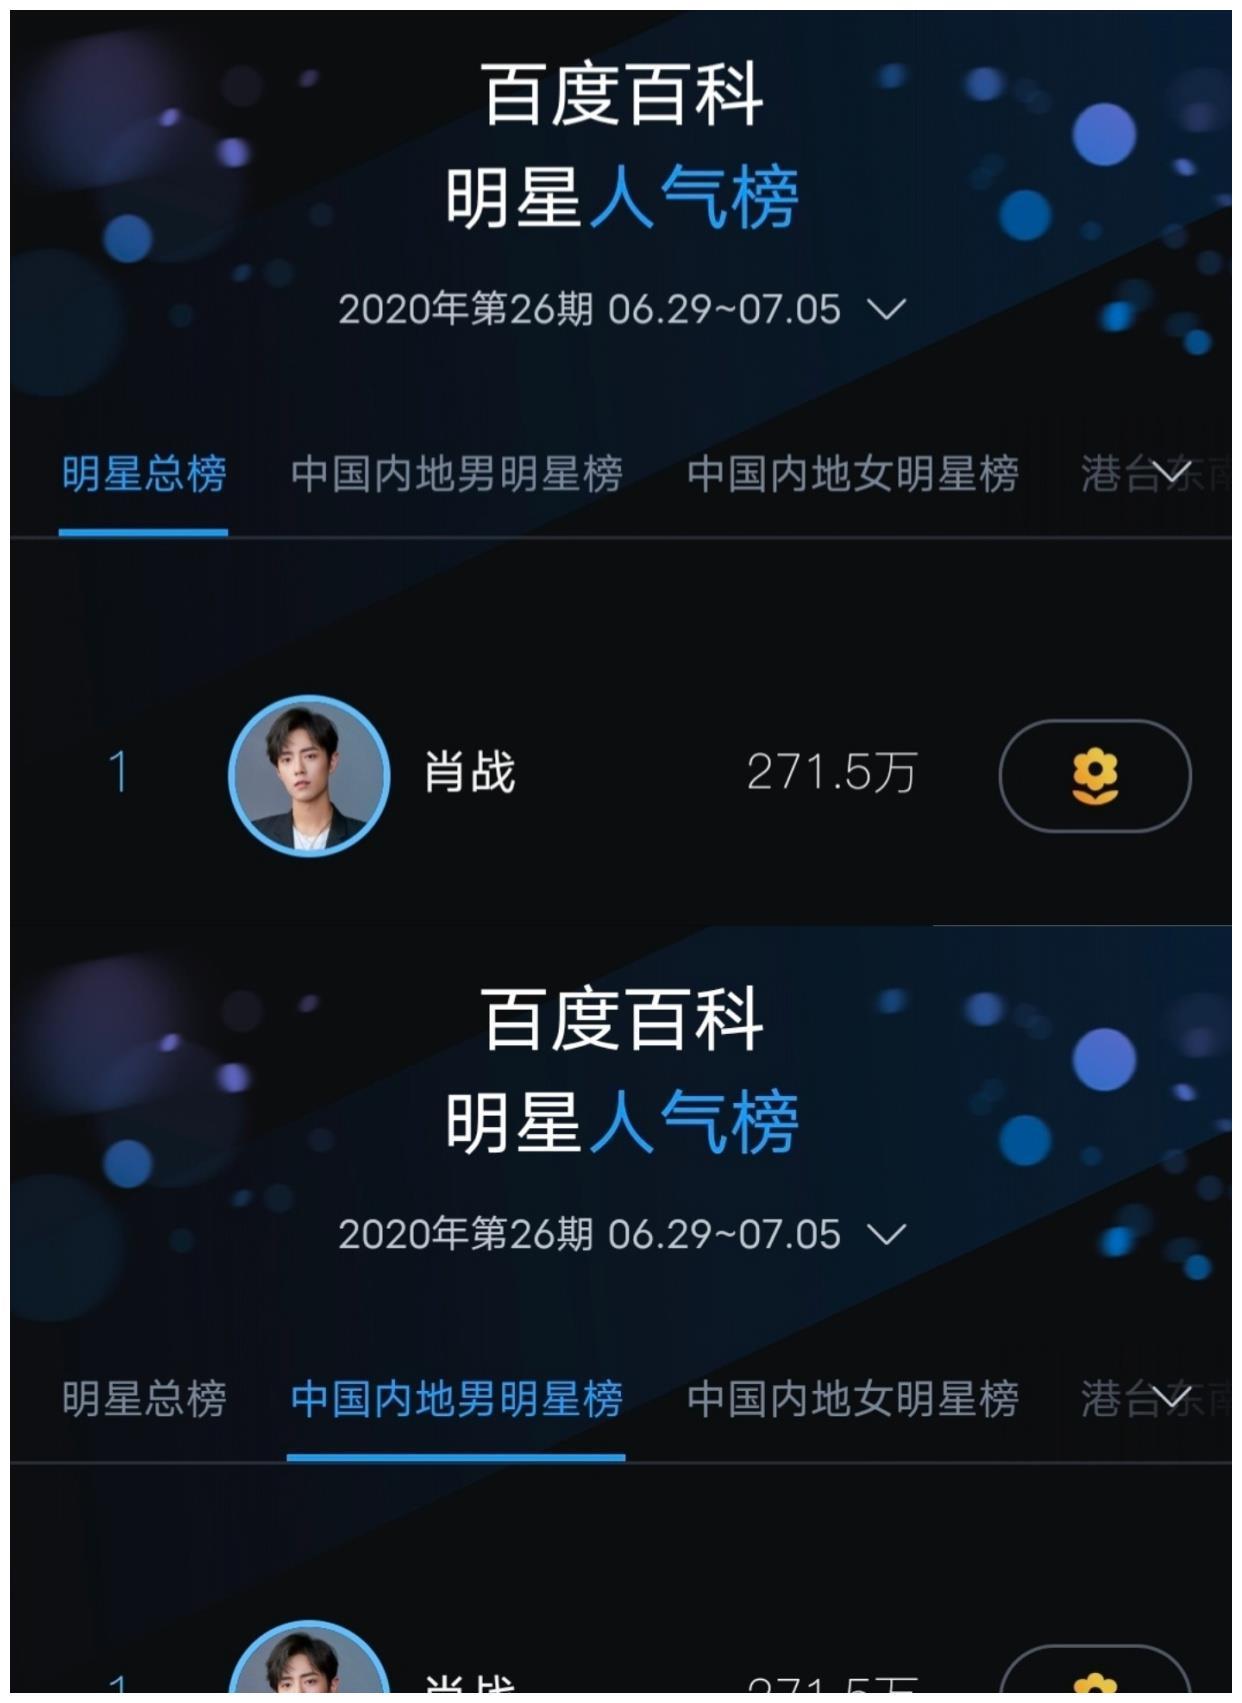 恭喜肖战又获明星人气榜冠军!同时登内地男星榜top1